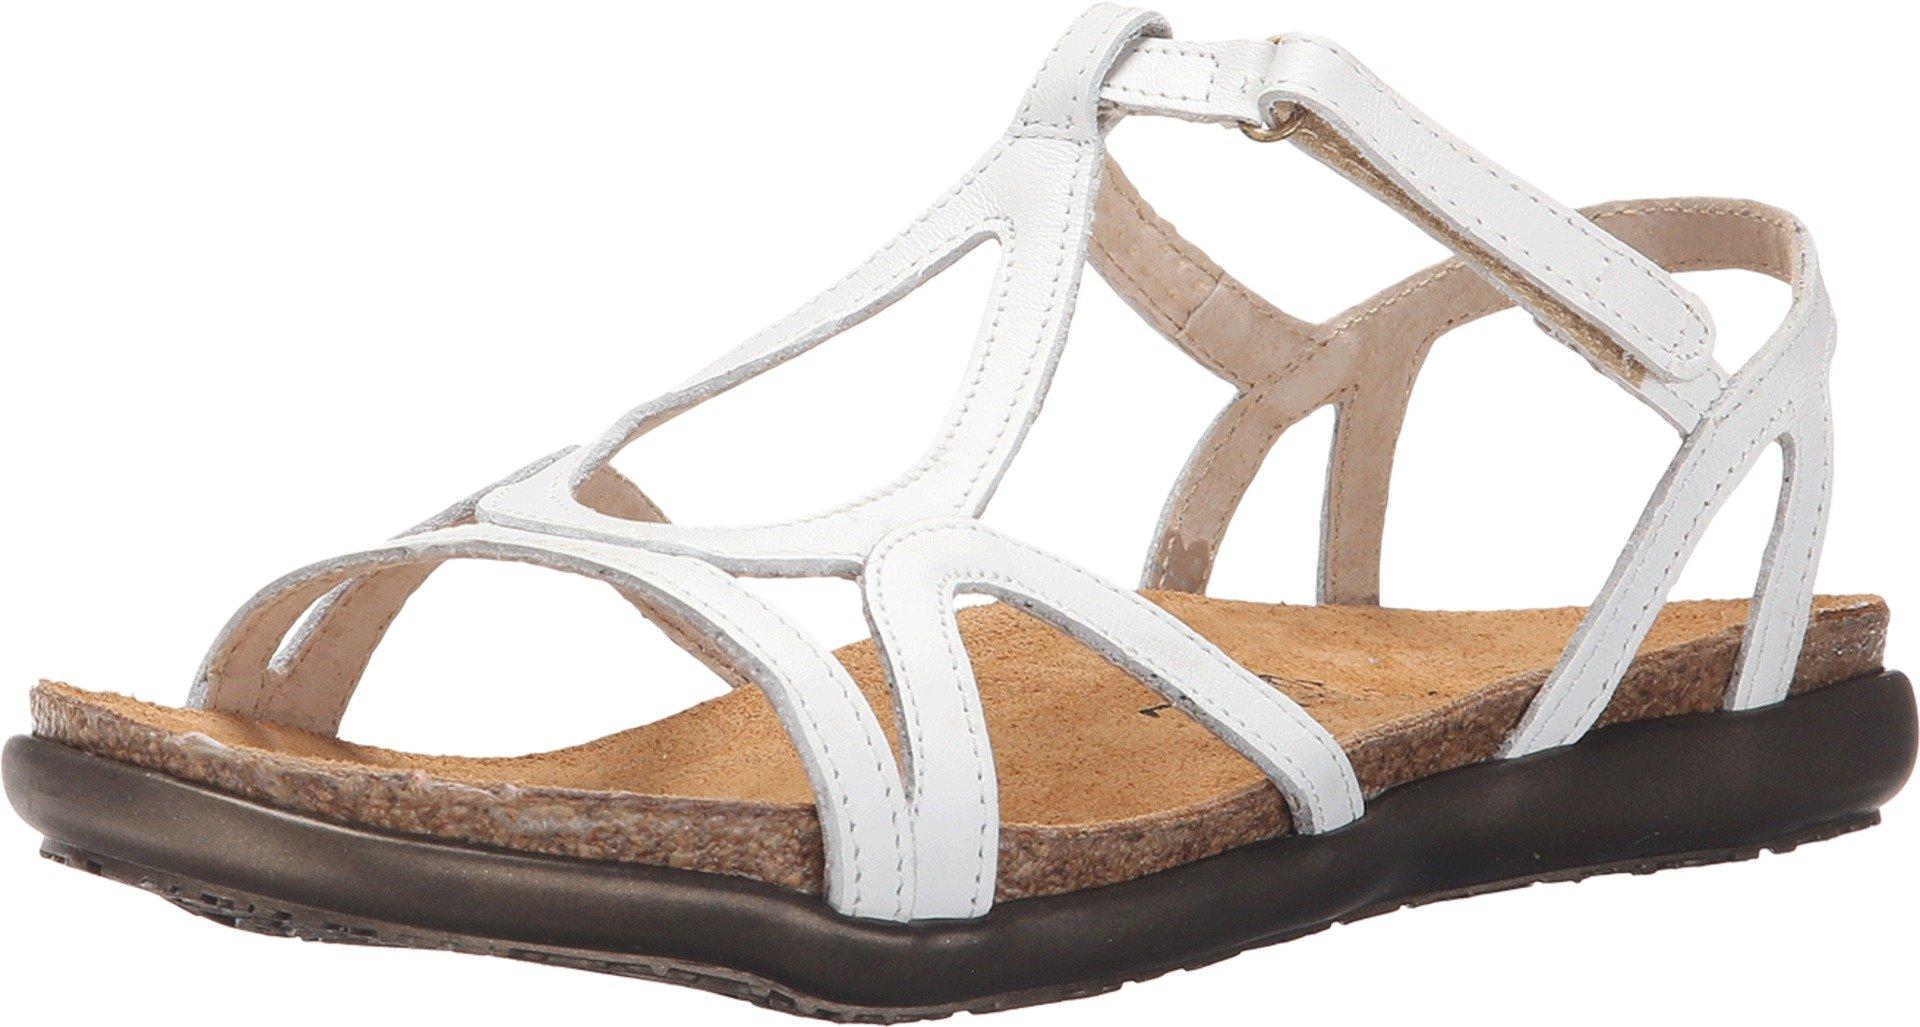 Naot Women's White Leather Dorith 42 M EU